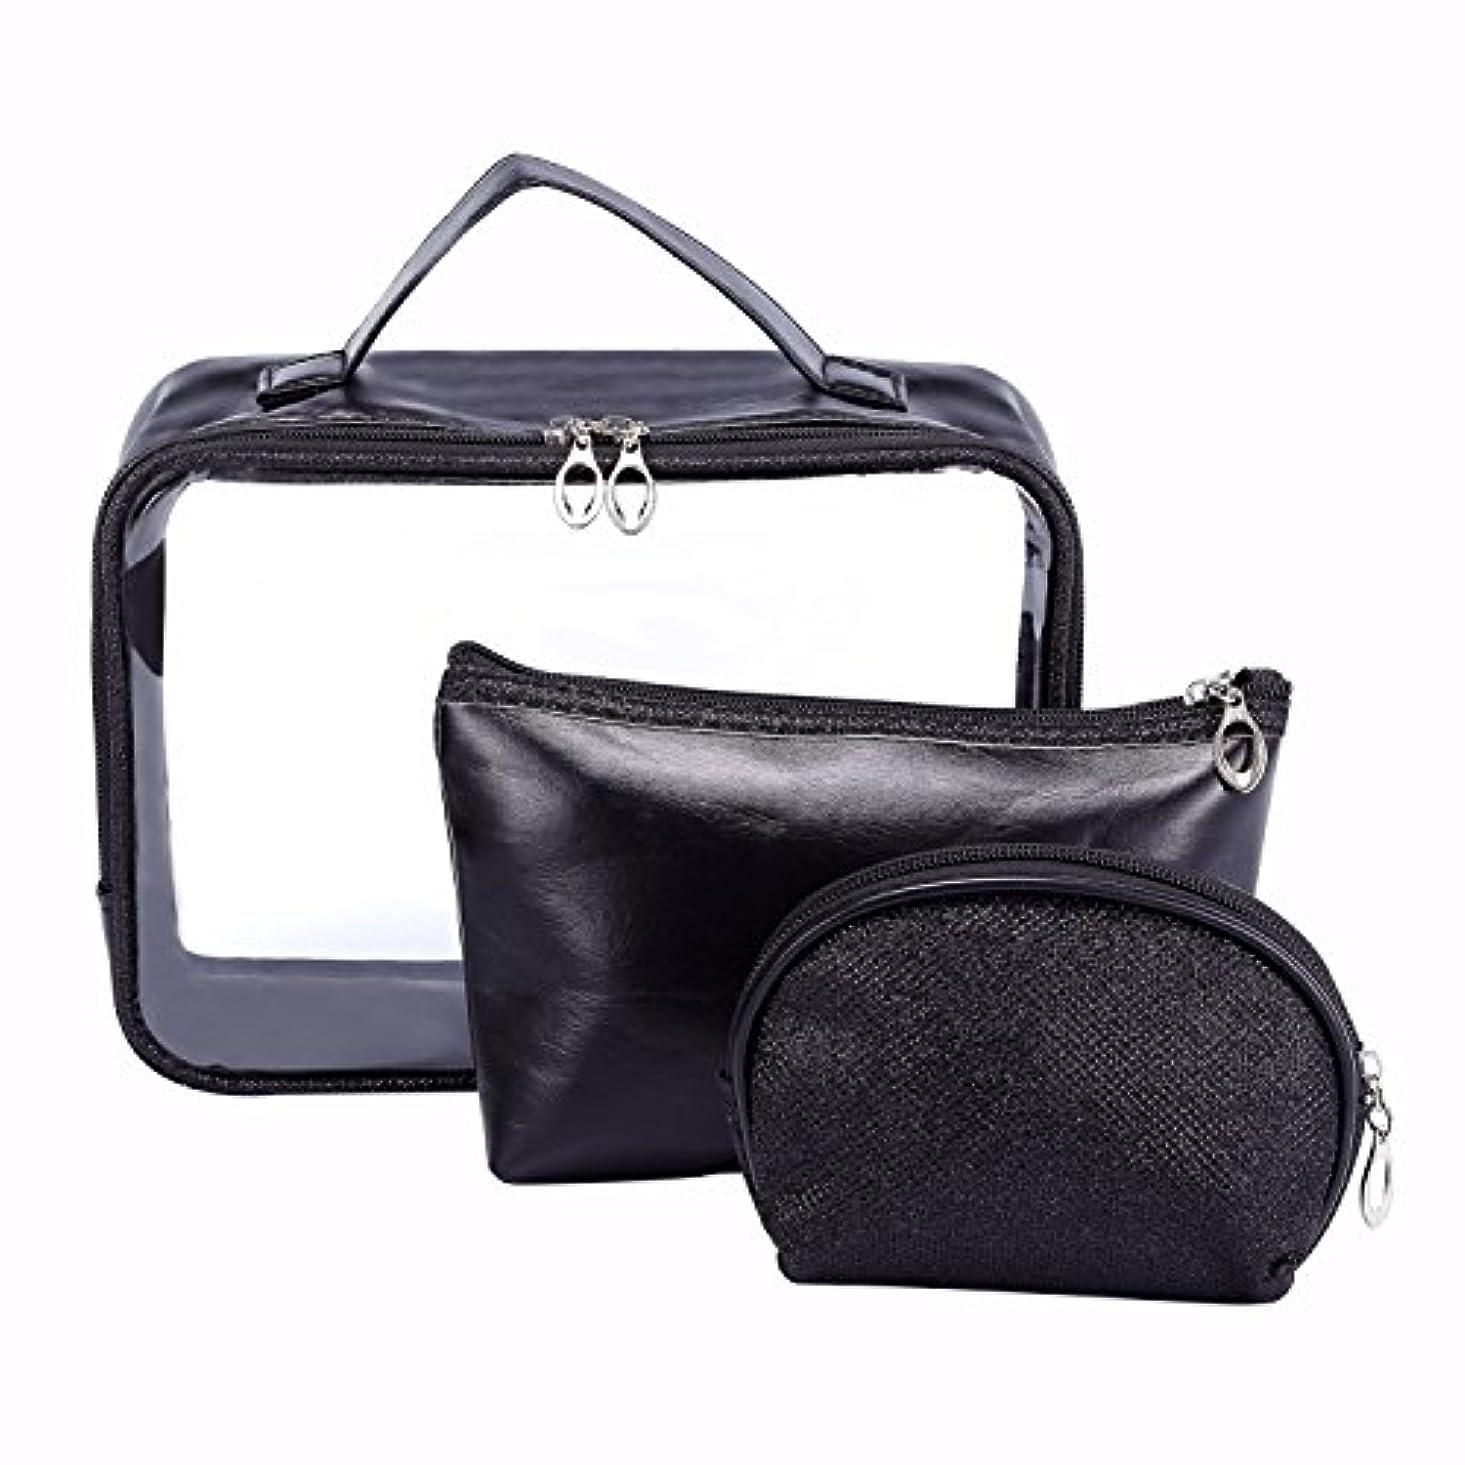 簡単に文字通り自治HOYOFO ビニールポーチ 化粧ポーチ メイクバッグ バッグインバッグ 化粧品 収納 透明 雑貨 小物入れ 持ち運び可 超軽 防水 旅行 3点セット ブラック